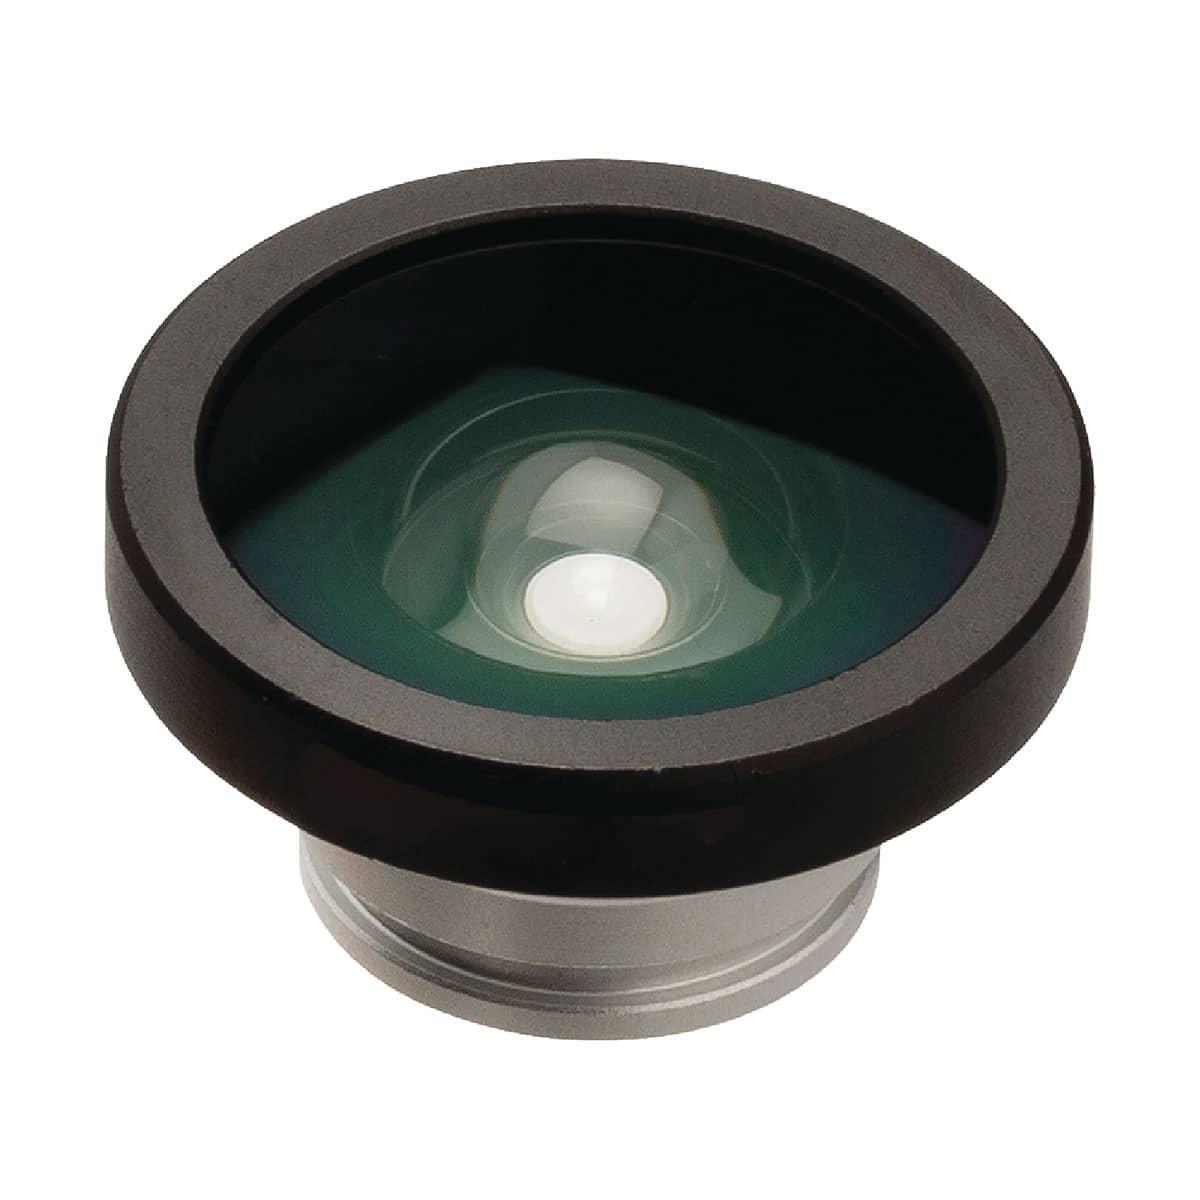 Camlink Mobile Super Wide-Angle Lens